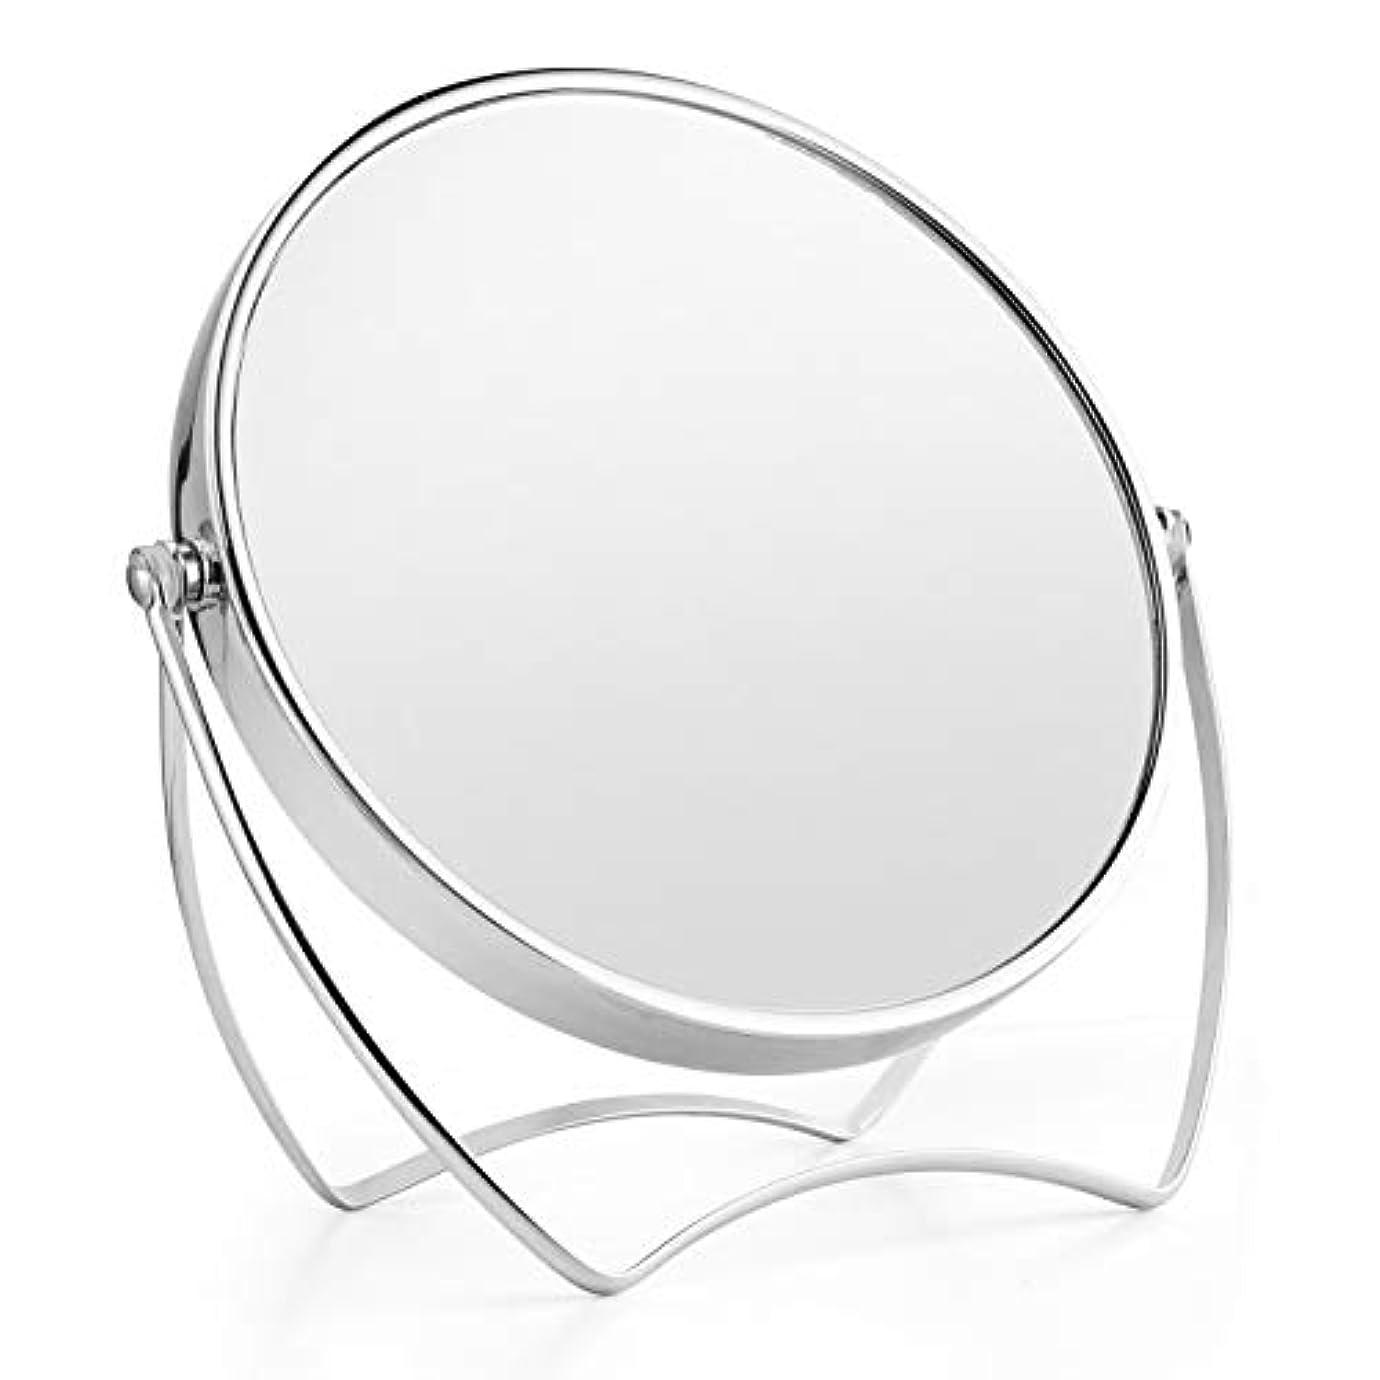 卓上ミラー 化粧鏡 1倍/5倍拡大鏡 メイクミラー 両面化粧鏡 ラウンドミラー 女優ミラー スタンドミラー 卓上鏡 360°回転ブラケット メタルフレームバニティミラー 寝室や浴室に適しています(15cm)